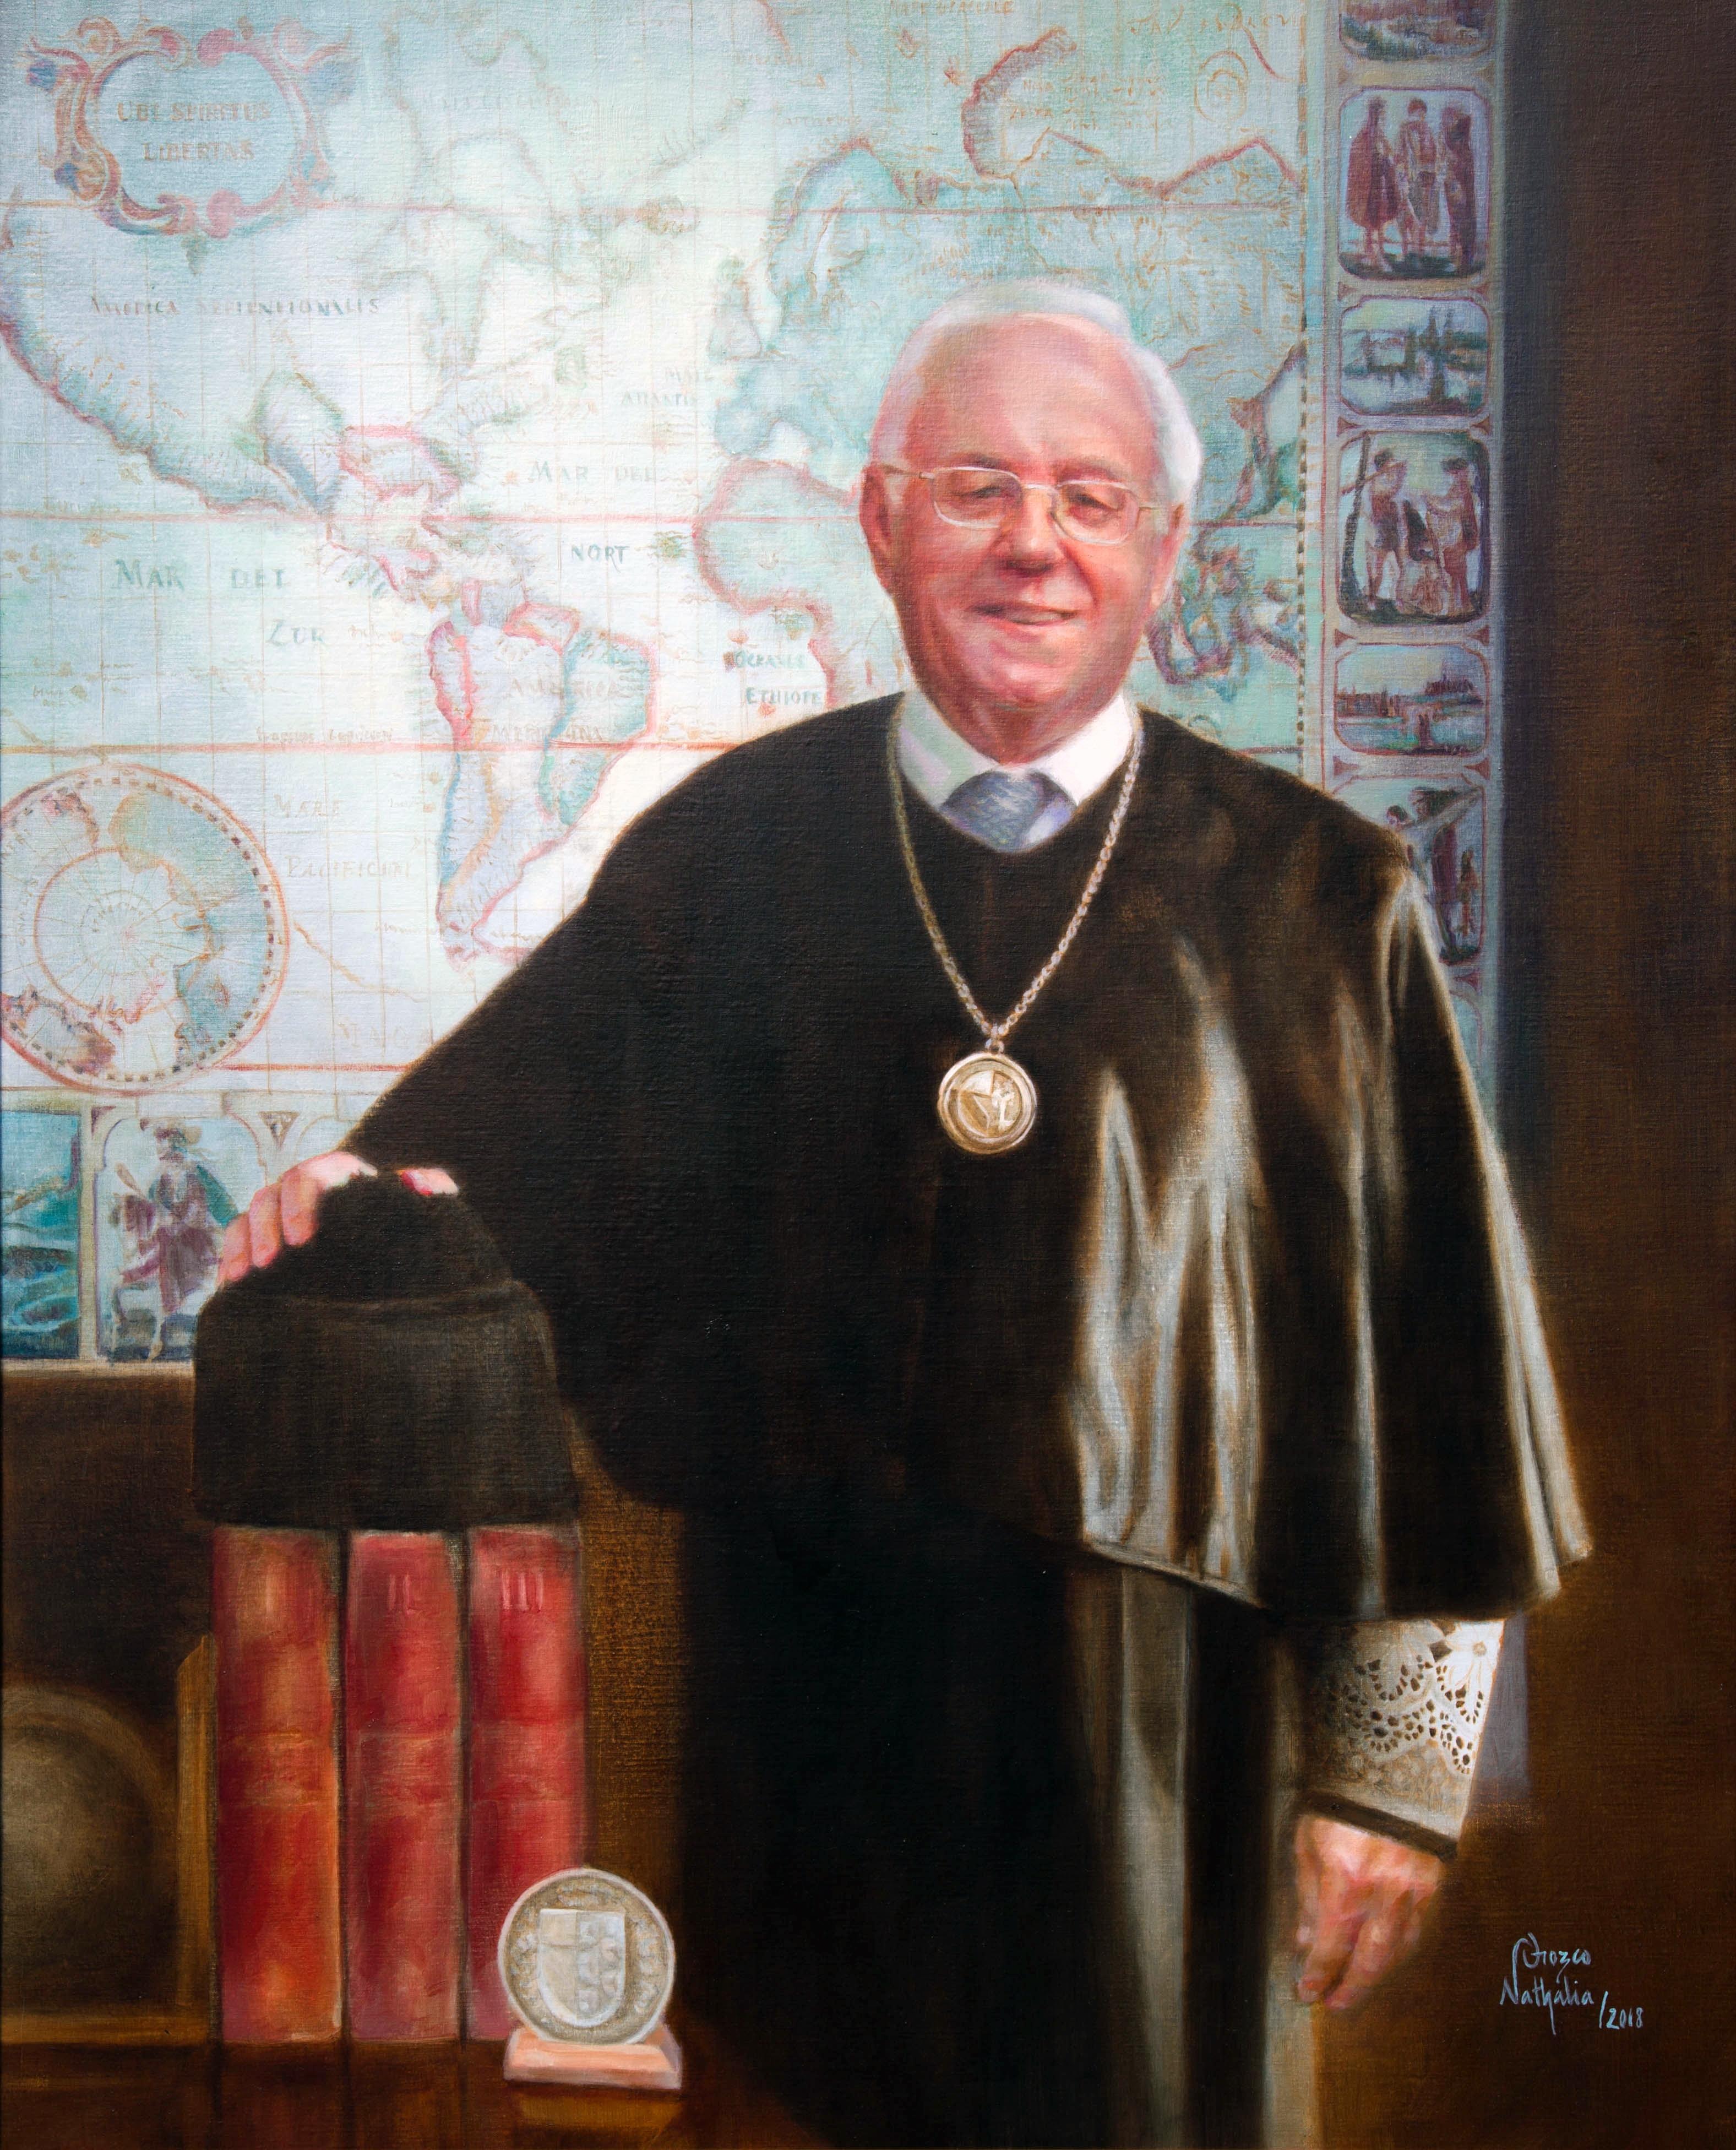 Retrato-Catedra-Carlos-Llano-rector-UP